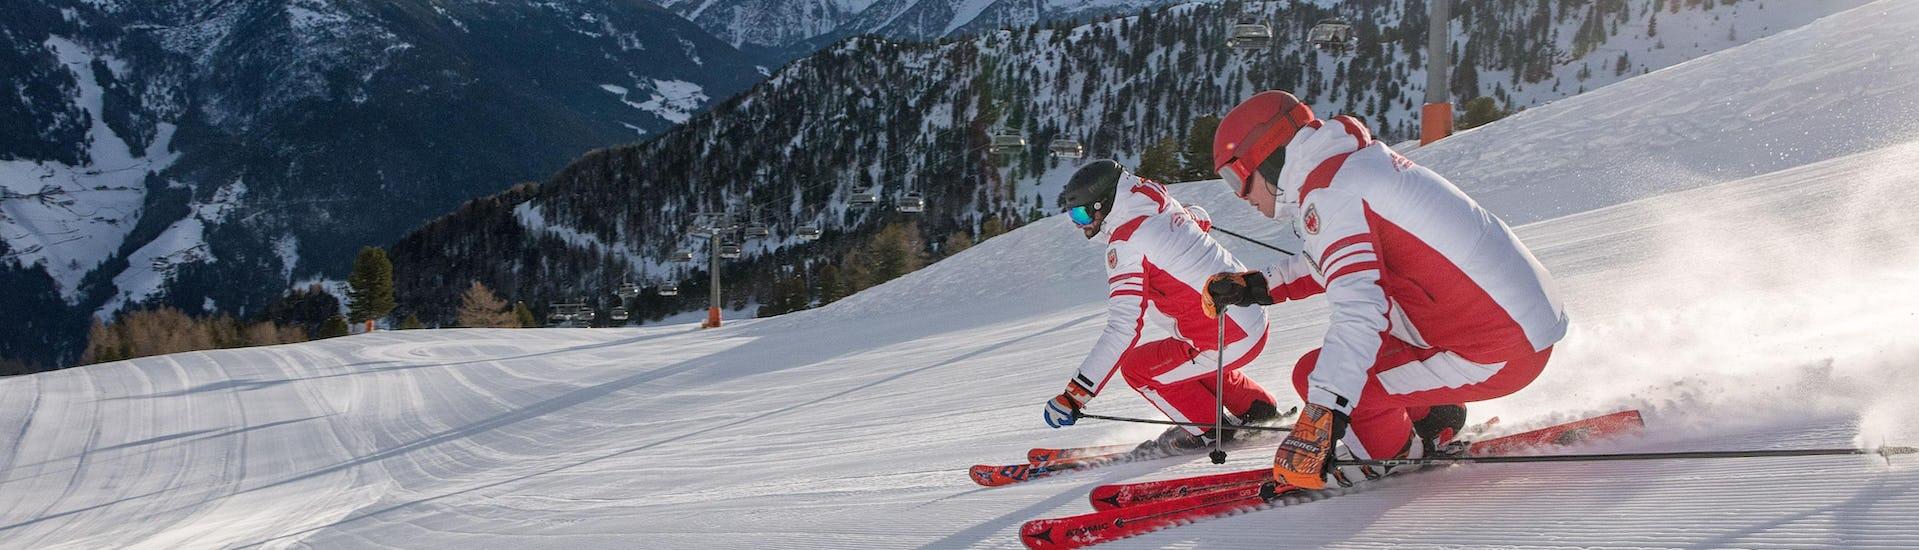 Lezioni di sci per adulti - Principianti